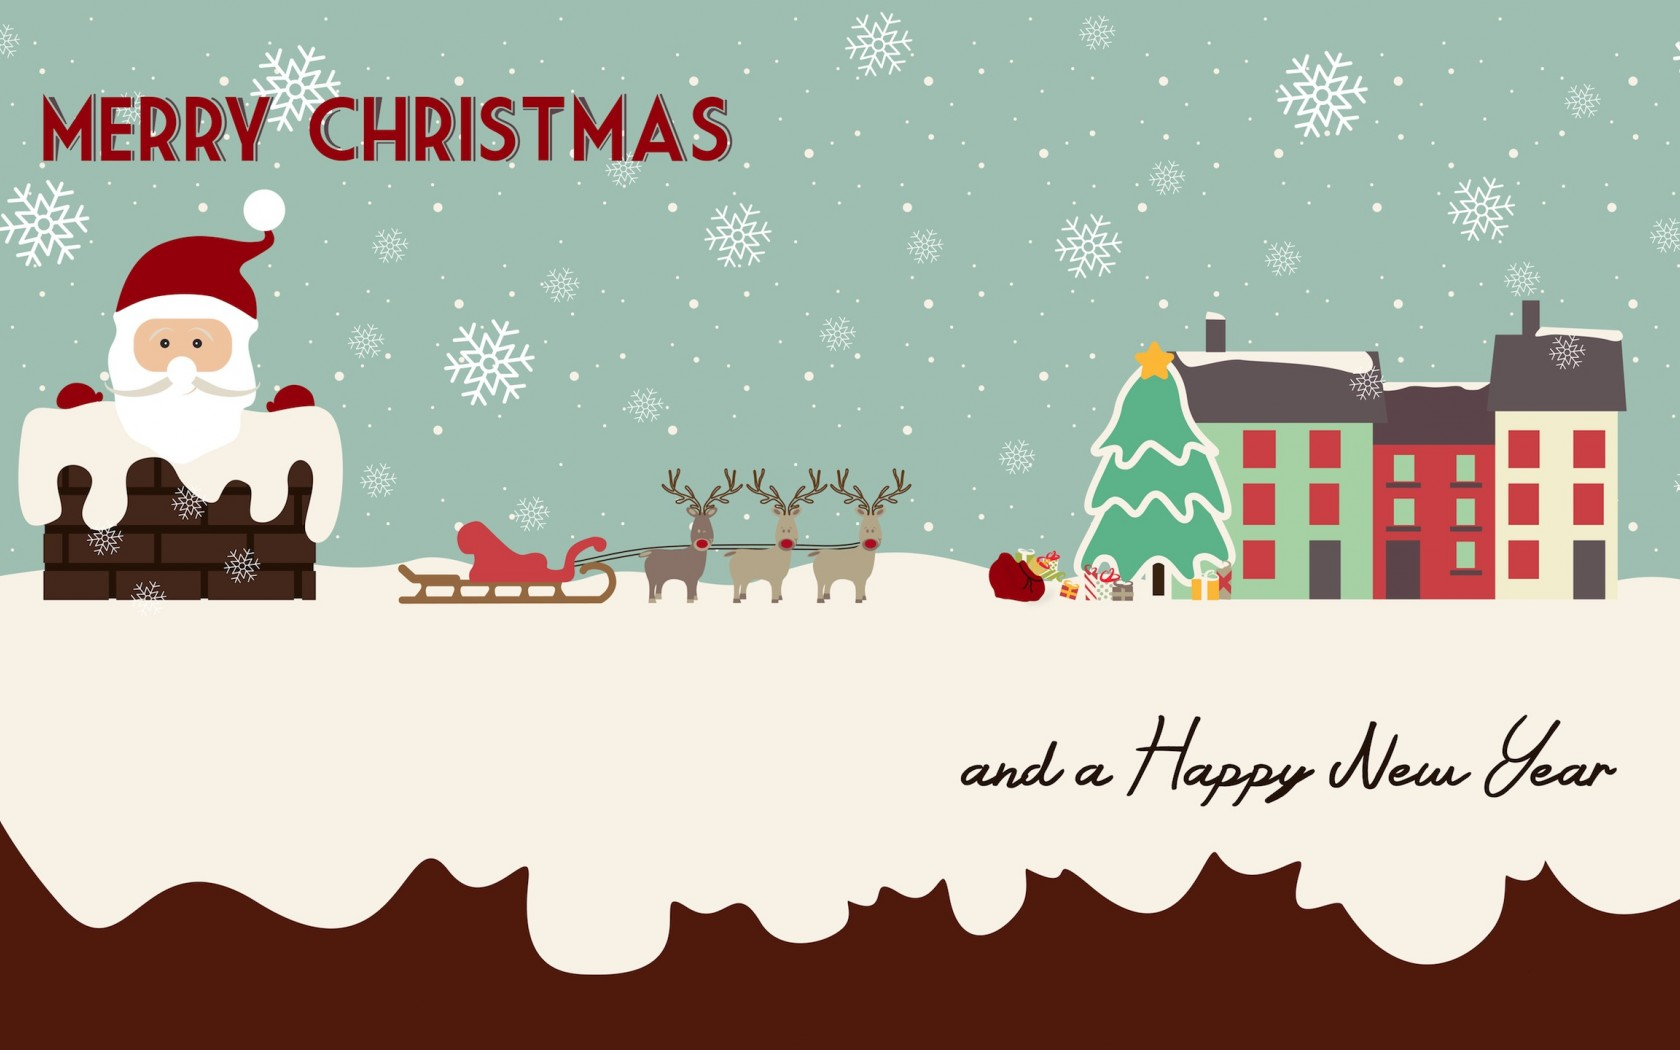 圣诞节可爱卡通风格PPT背景图片免费下载是由PPT宝藏(www.pptbz.com)会员zengmin上传推荐的节日PPT背景图片, 更新时间为2016-10-11,素材编号105497。 圣诞节(Christmas)又称圣诞节,译名为基督弥撒,西方传统节日,在每年12月25日。弥撒是教会的一种礼拜仪式。圣诞节是一个宗教节,因为把它当作耶稣的诞辰来庆祝,故名耶诞节。 据说耶稣是因着圣灵成孕,由童女马利亚所生的。神更派遣使者加伯列在梦中晓谕约瑟,叫他不要因为马利亚未婚怀孕而不要她,反而要与她成亲,把那